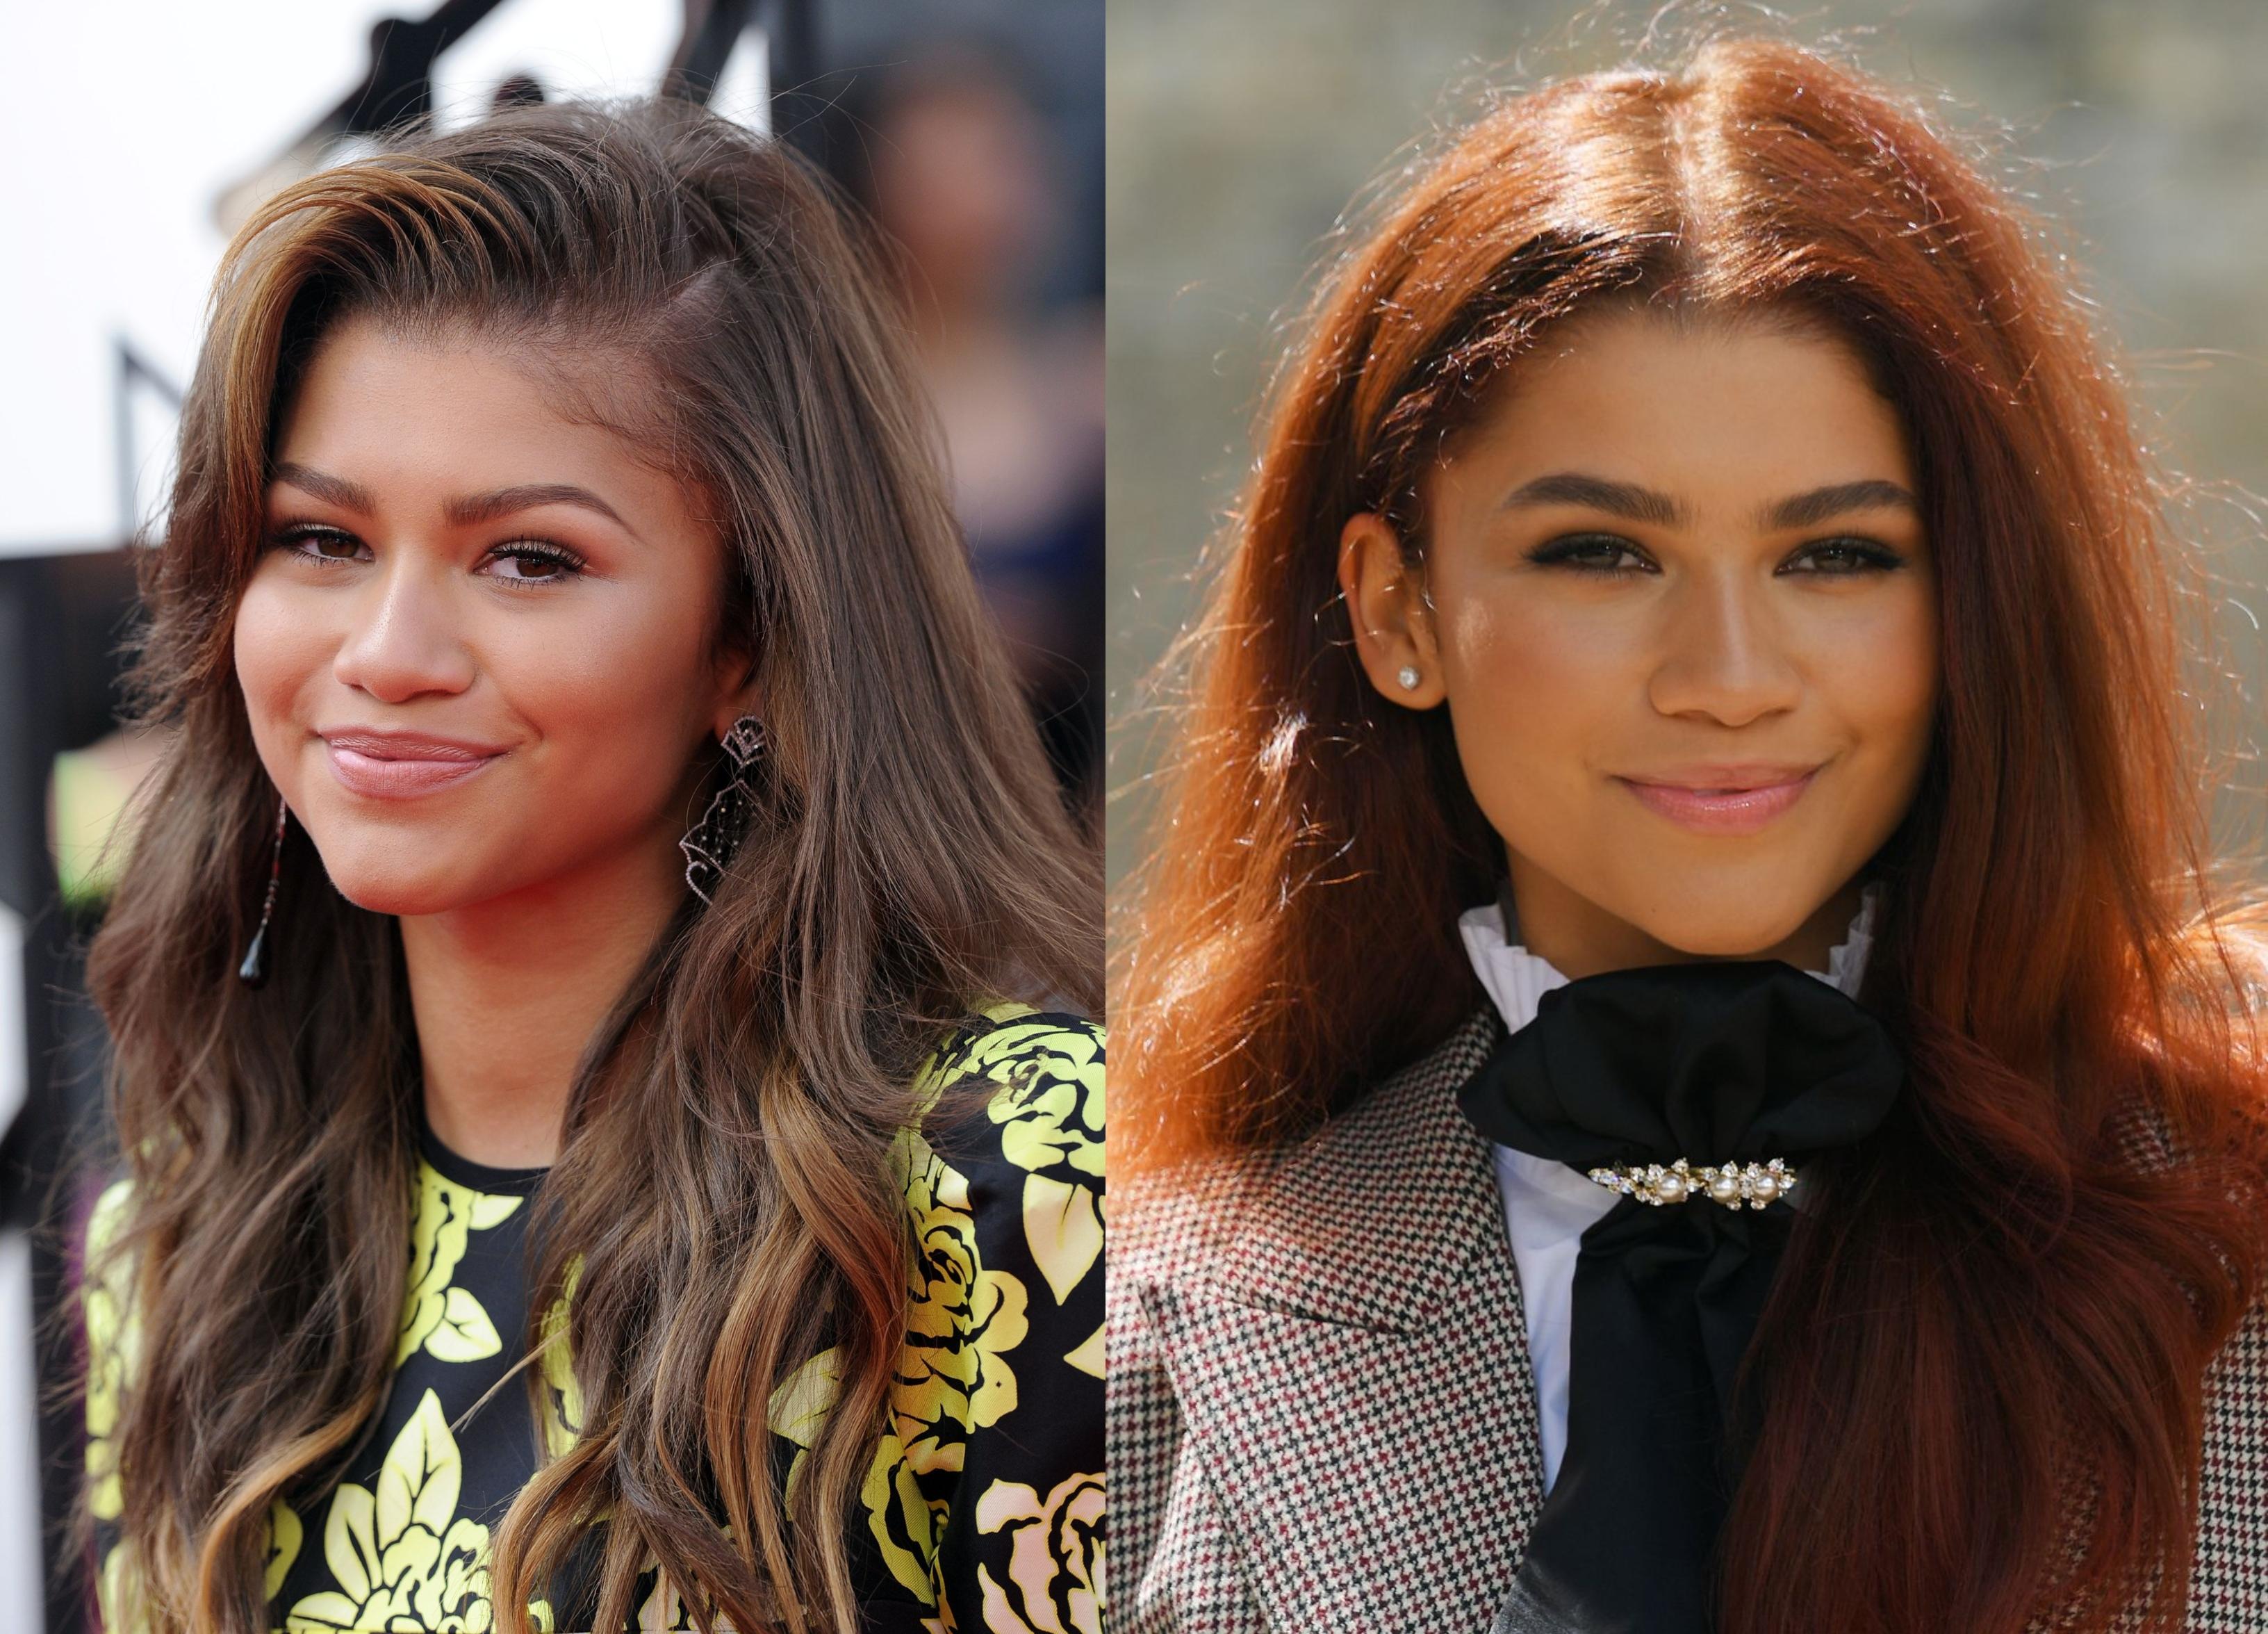 Zendaya, az Eufória sztárja egyfolytában váltogatja a frizuráit, de mindenhogy csinos